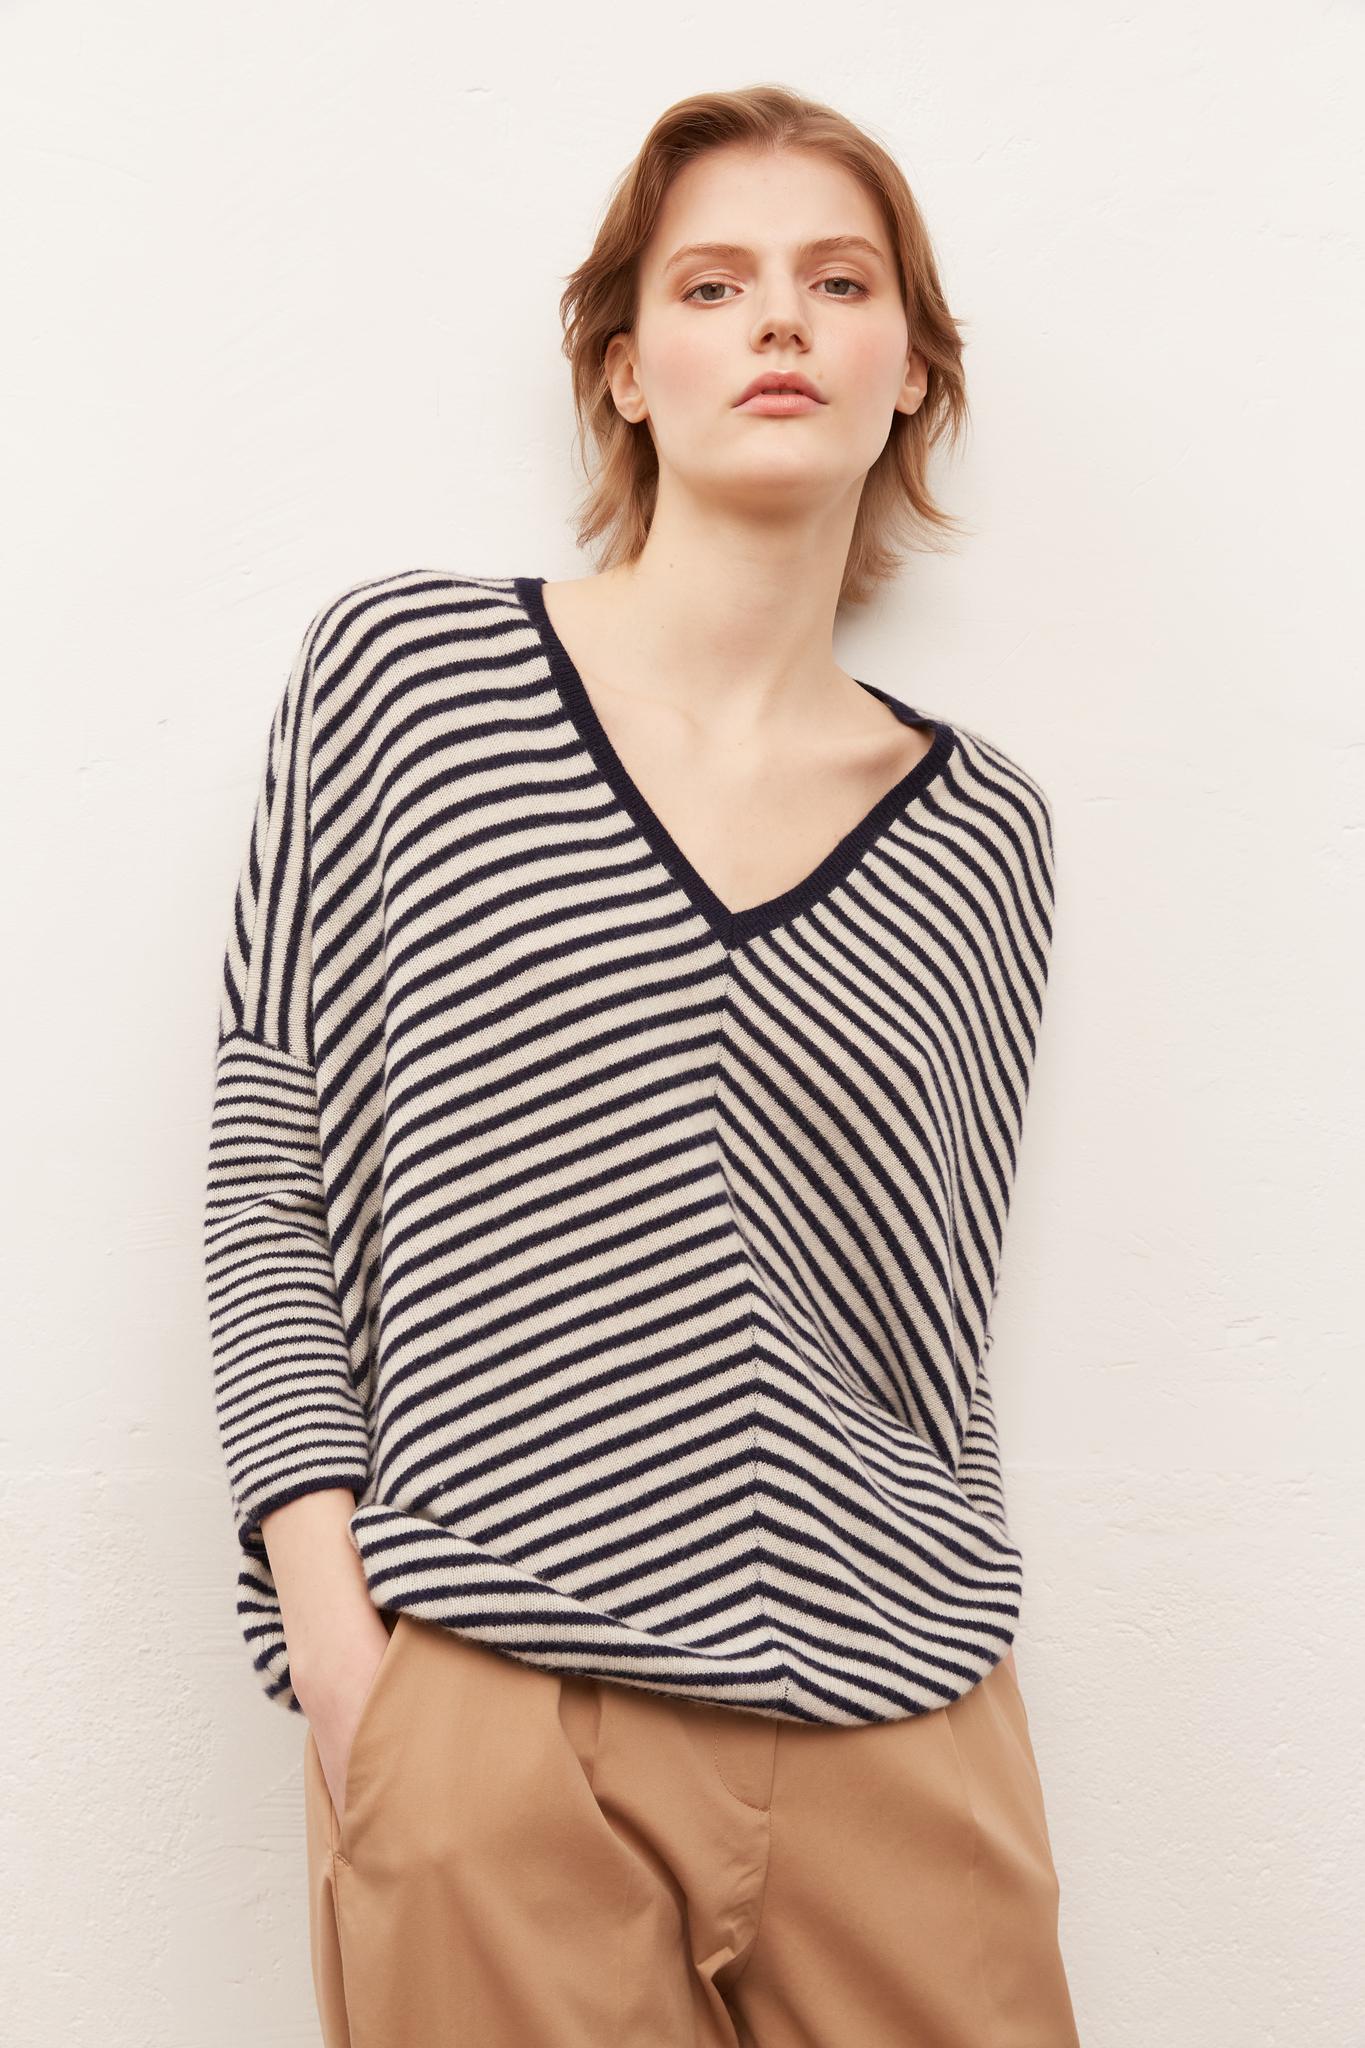 ELIO - Кашемировый свитер в полоску с V-образным вырезом